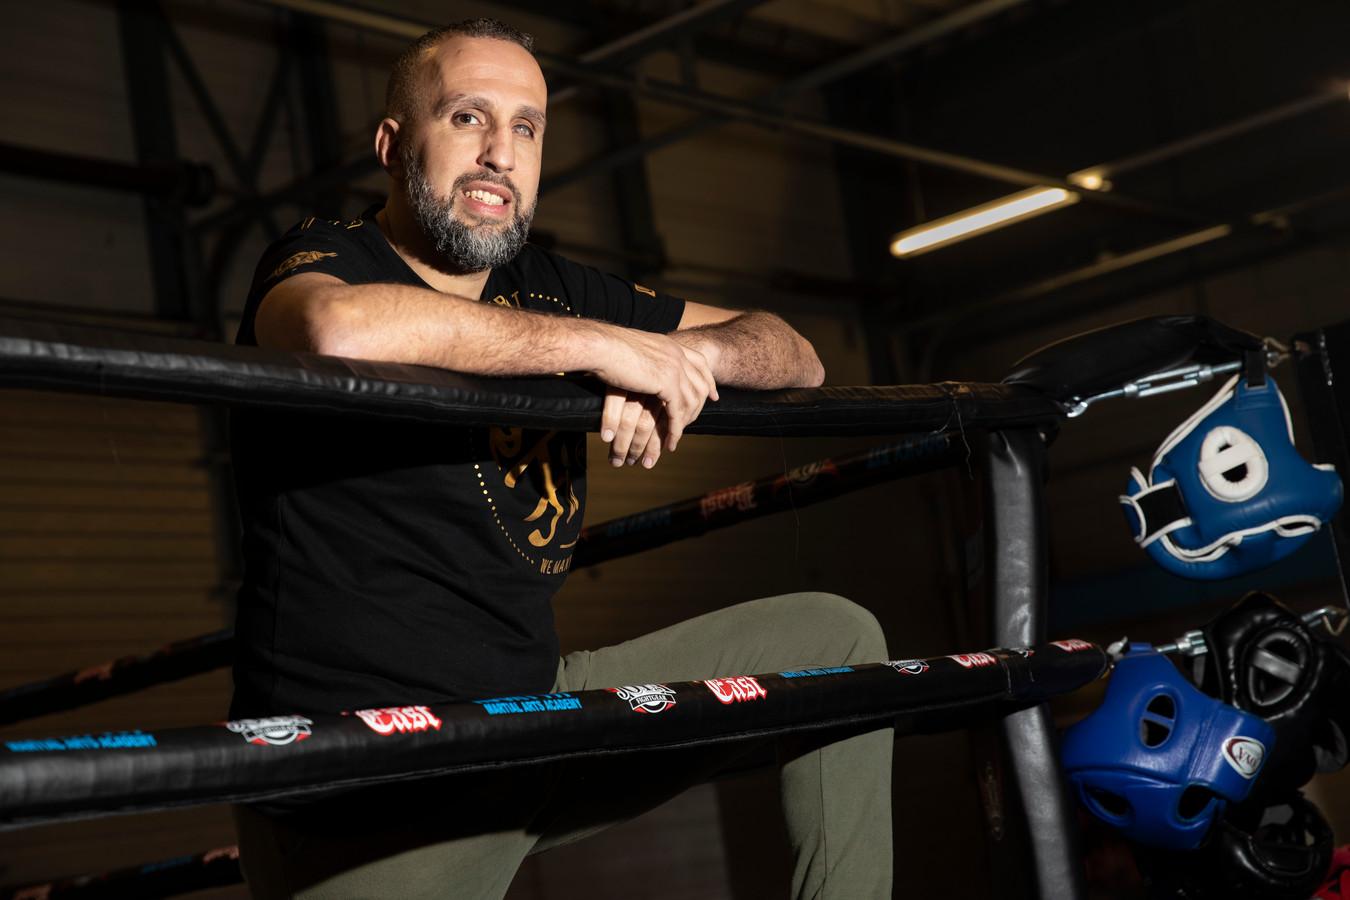 Faldir Chahbari. De vijfvoudig wereldkampioen kickboksen uit Brummen helpt onder meer kinderen die gepest worden om meer voor zichzelf op te komen.